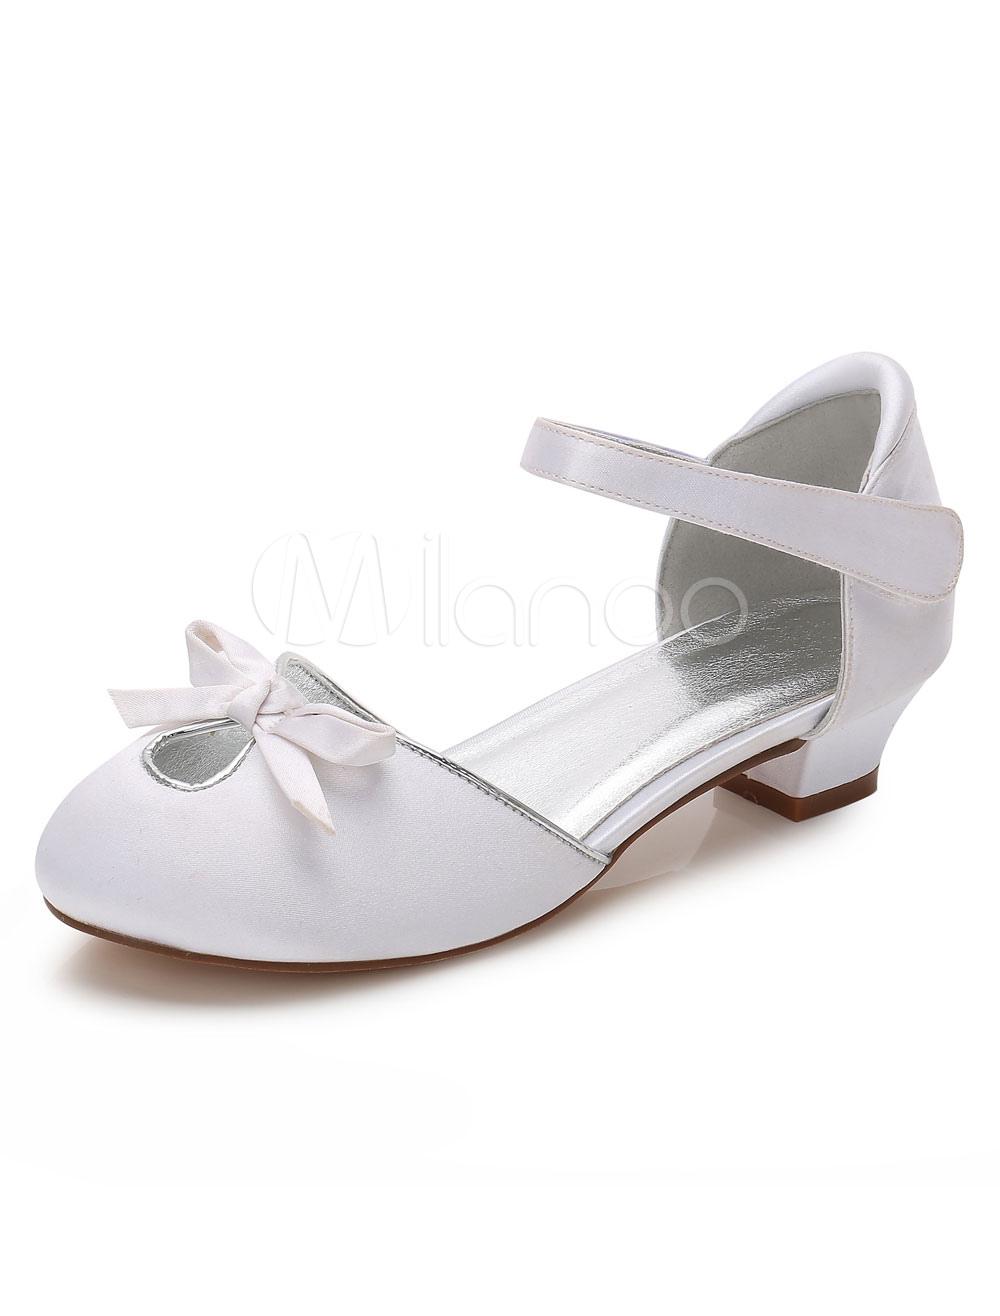 Zapatos de Florista de puntera redonda de tacón gordo 3cm con flor para chica xqakpRKy